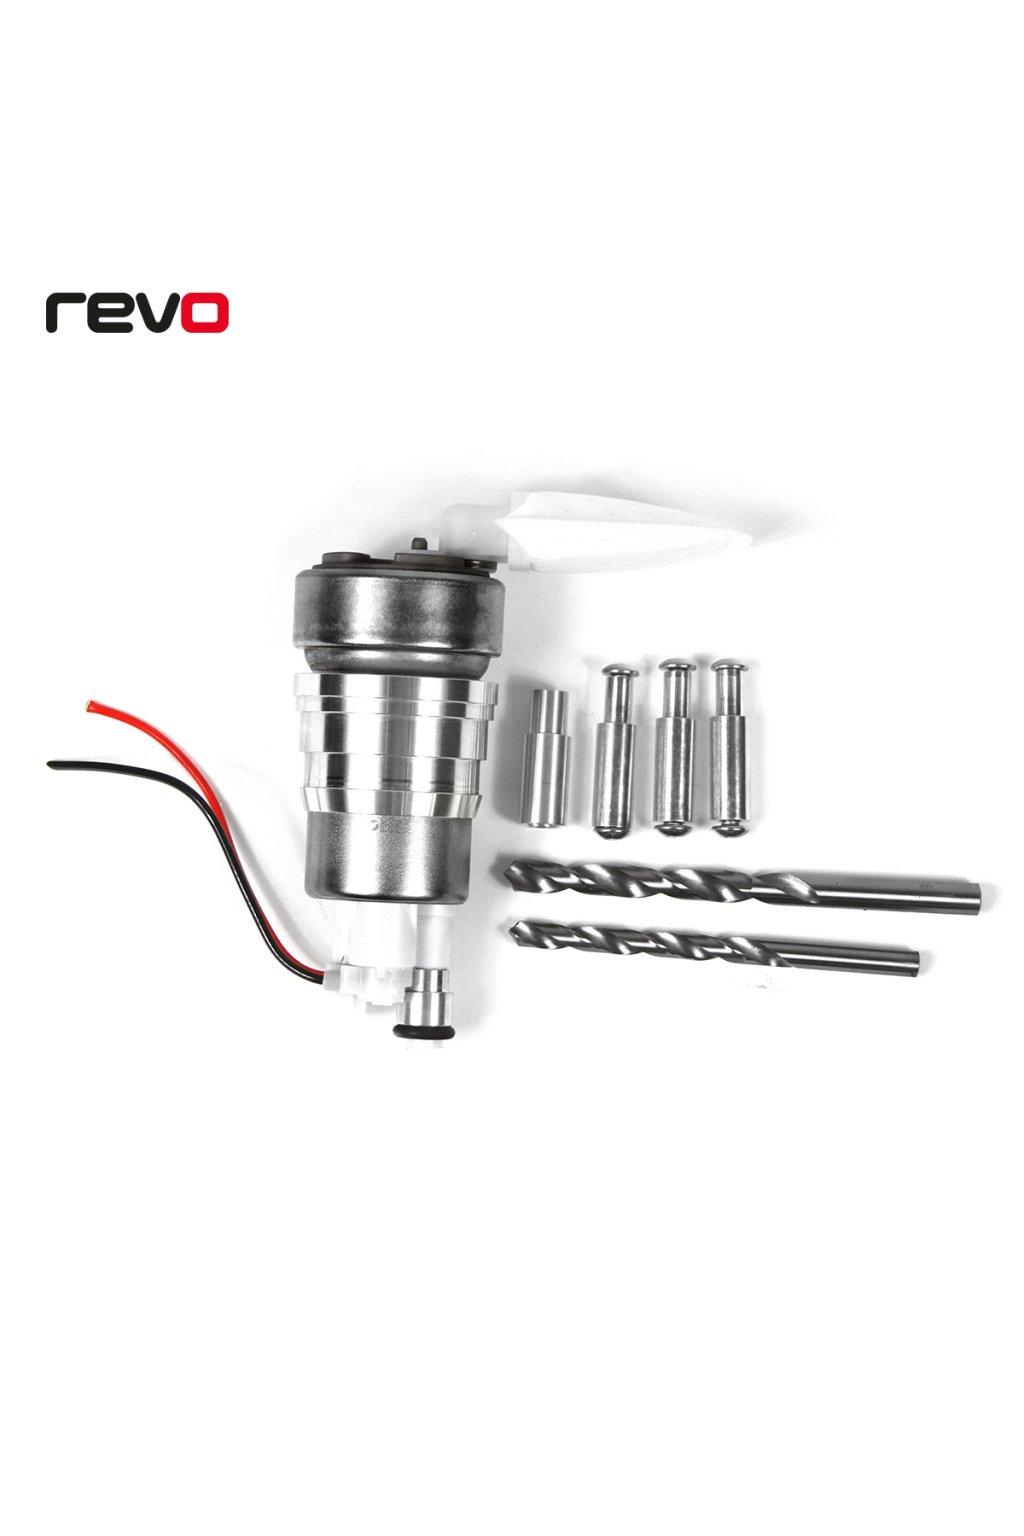 Revo 2.0TSI MQB Low Pressure Fuel Pump KIT